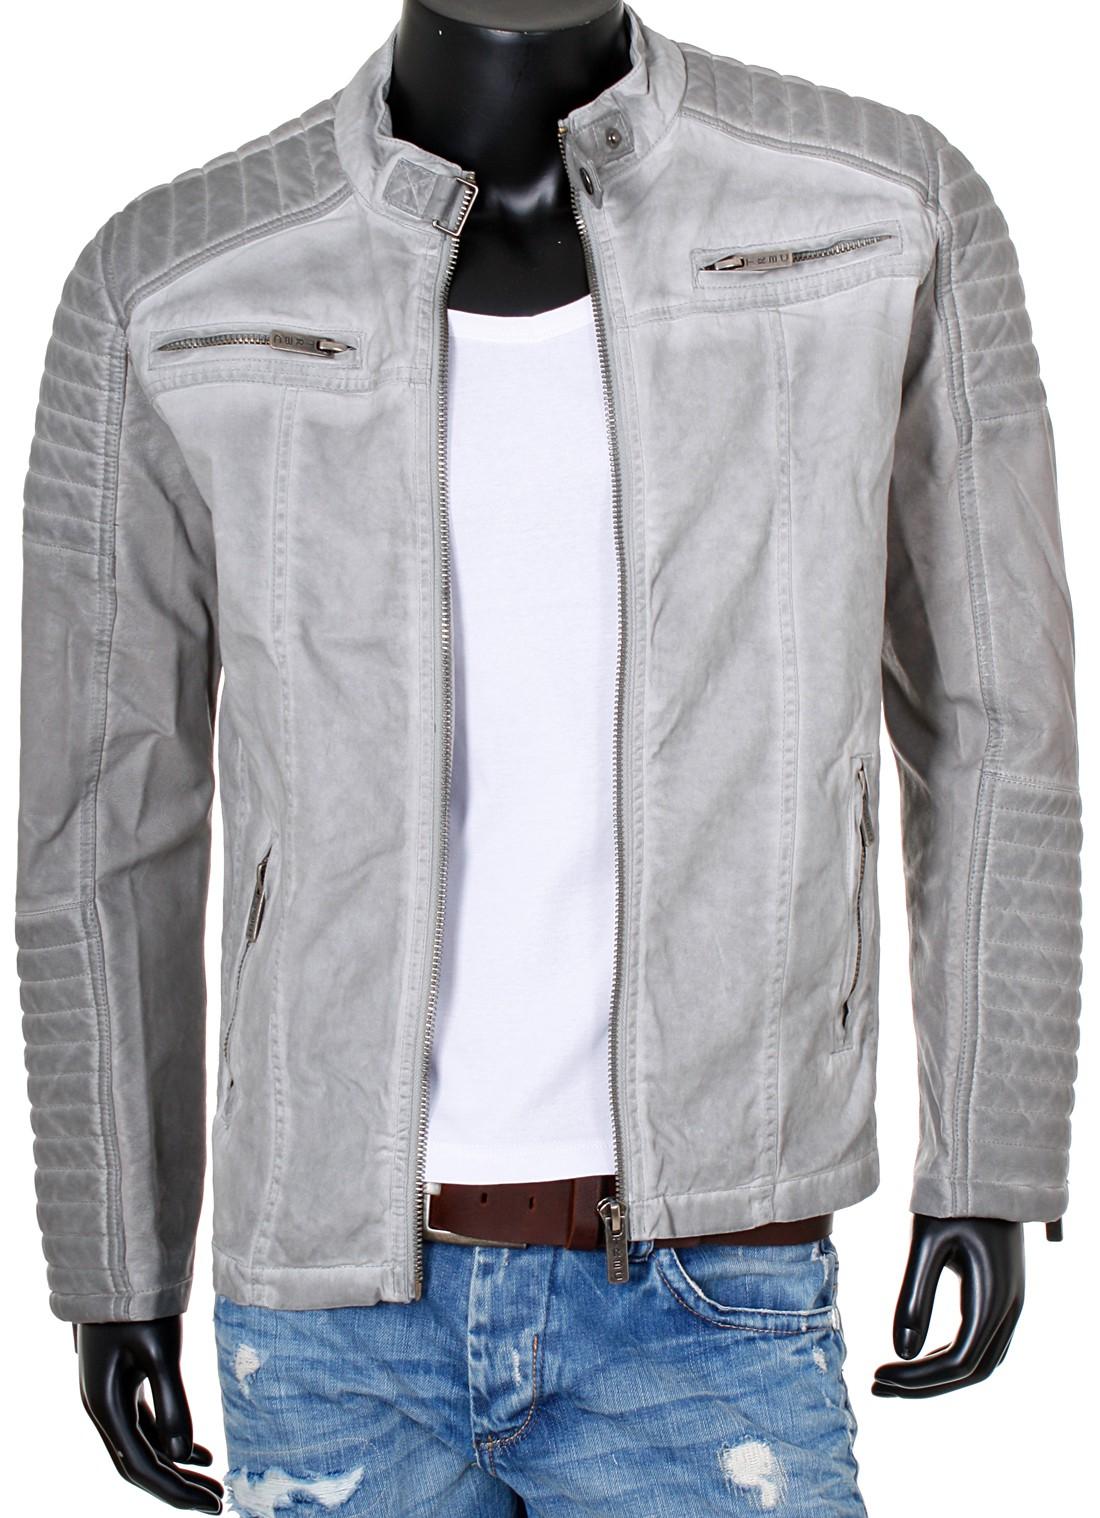 Détails sur Redbridge homme biker veste avec fourrure cuir manches gesteppt transition veste m6011 afficher le titre d'origine